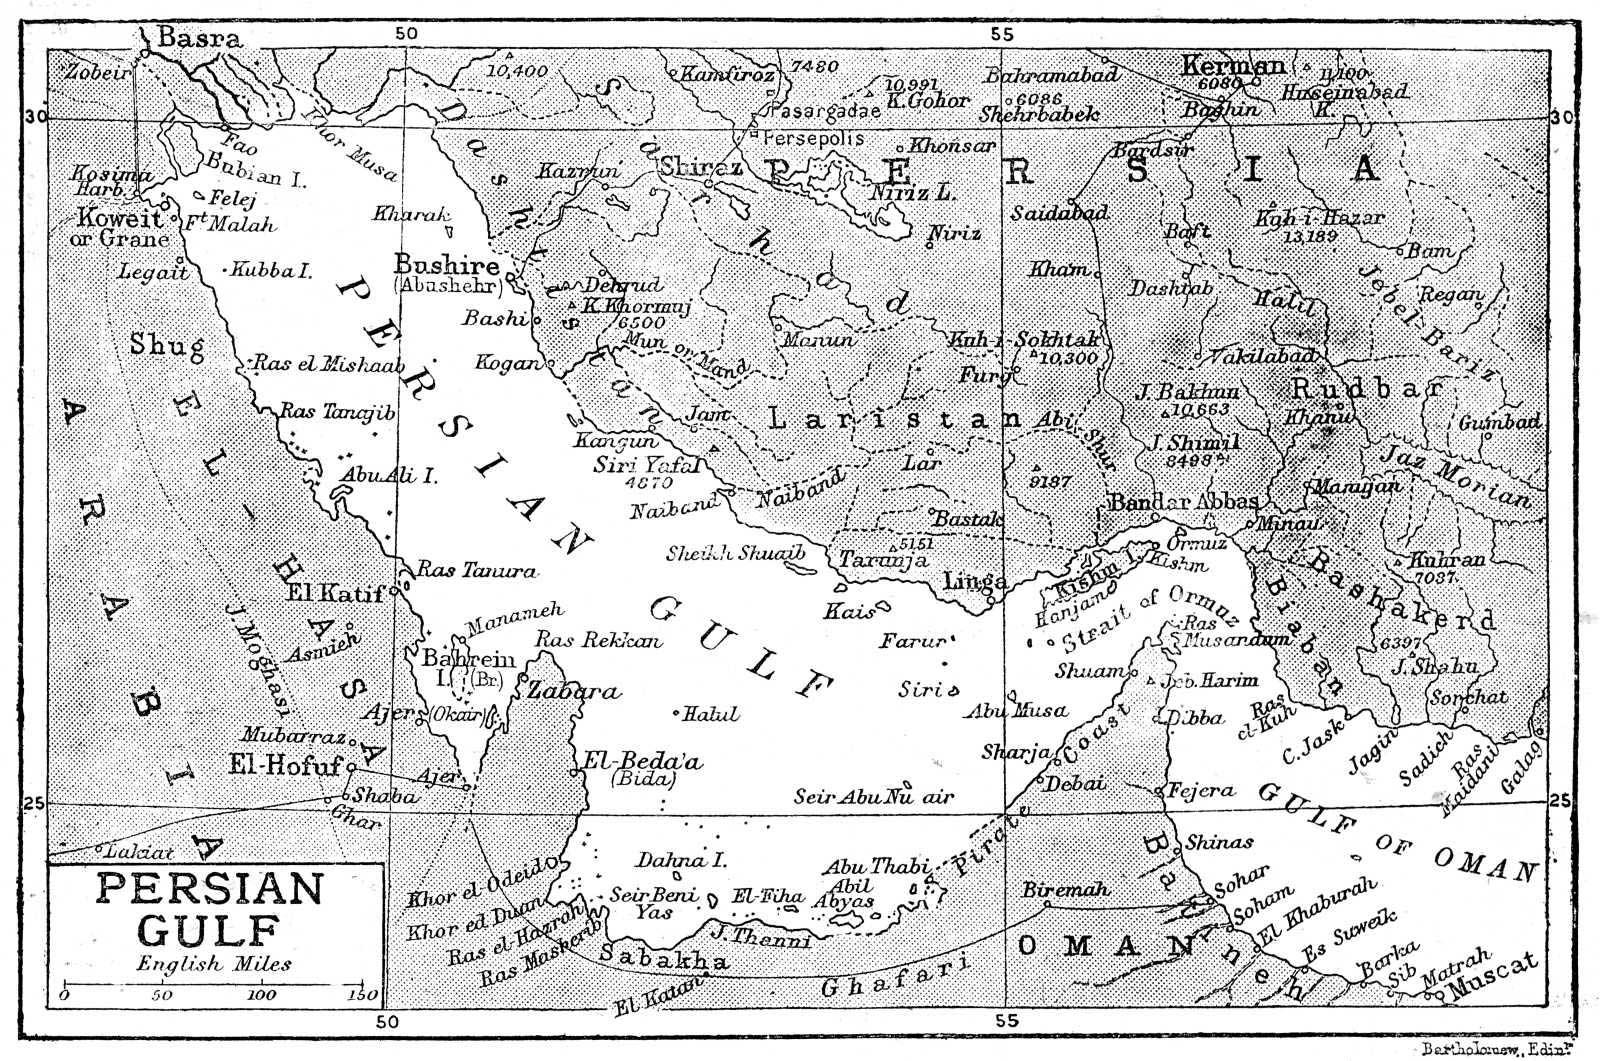 این نقشه کشور عزیزمان ایران، و خلیج ابدی فارس است. به کوری چشم تازیان و تازی صفتان، نام زیبای خلیج فارس، برای همیشه بر این آب های پهناور باقی خواهد ماند.